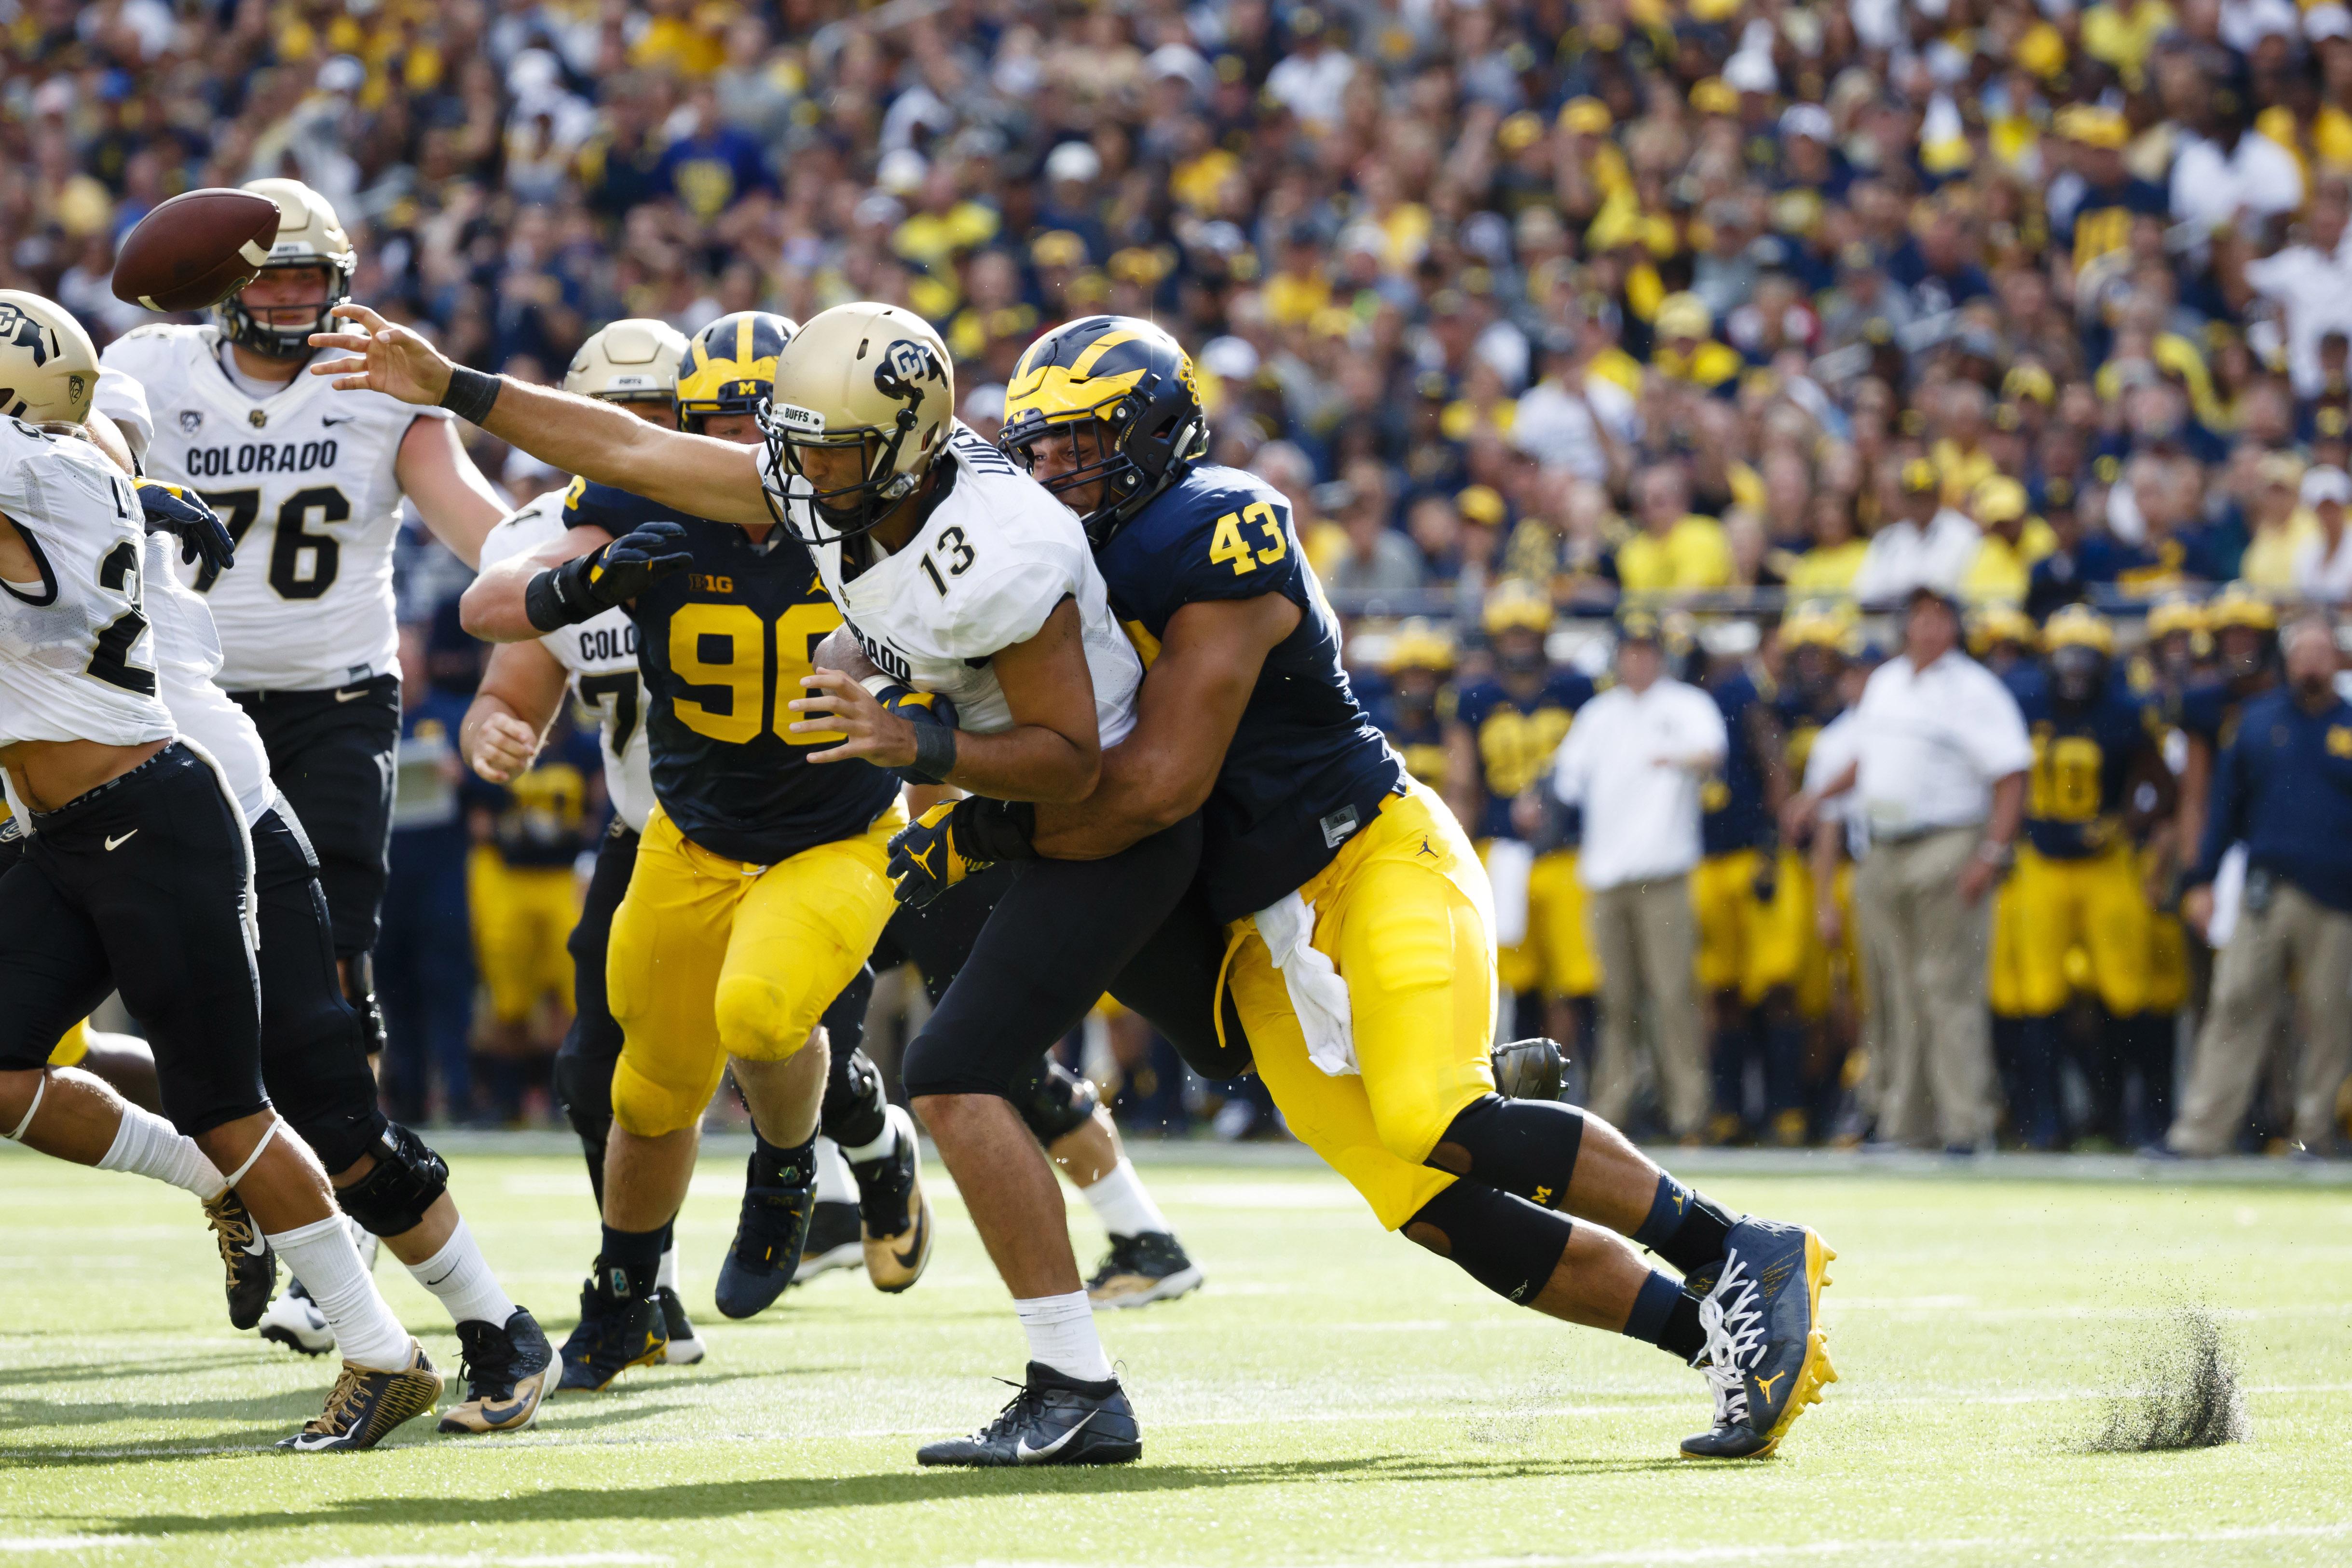 NCAA Football: Colorado at Michigan